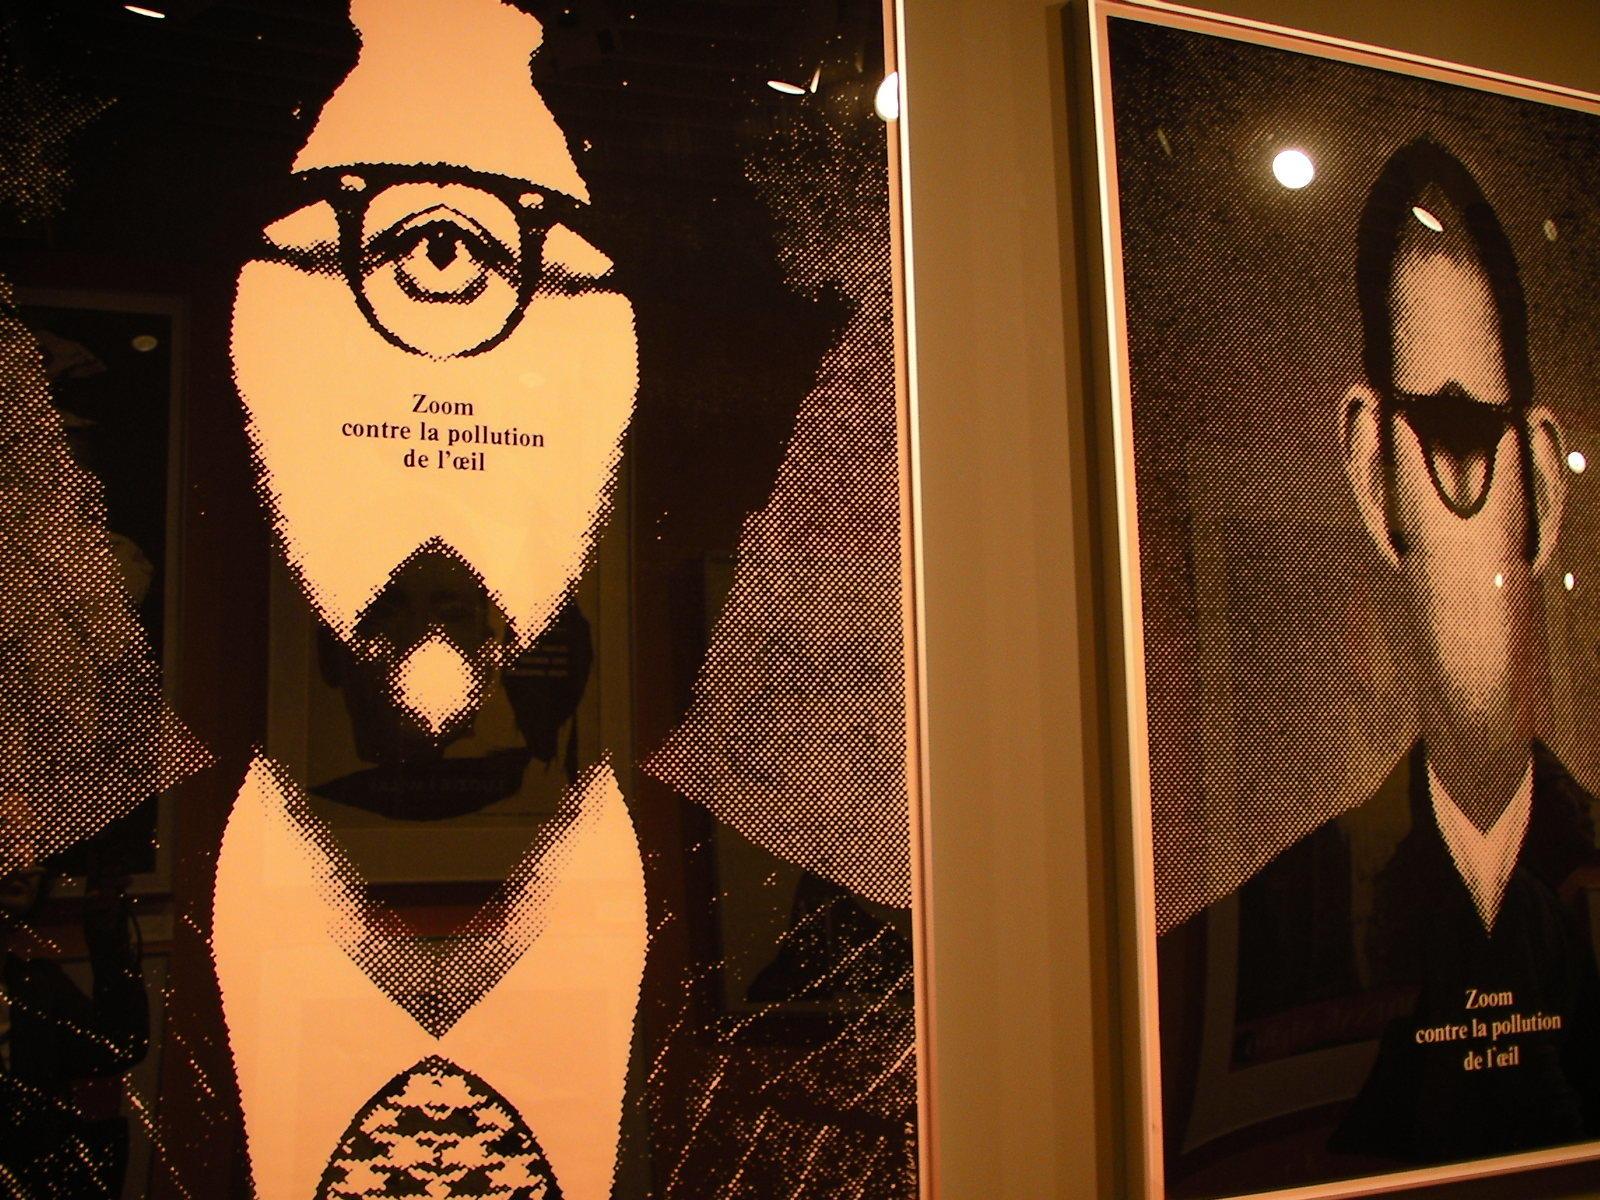 左から 〈Poster〉1971 目の汚染に対してズームせよ〔髭のある顔〕、〈Poster〉1971 目の汚染に対してズームせよ